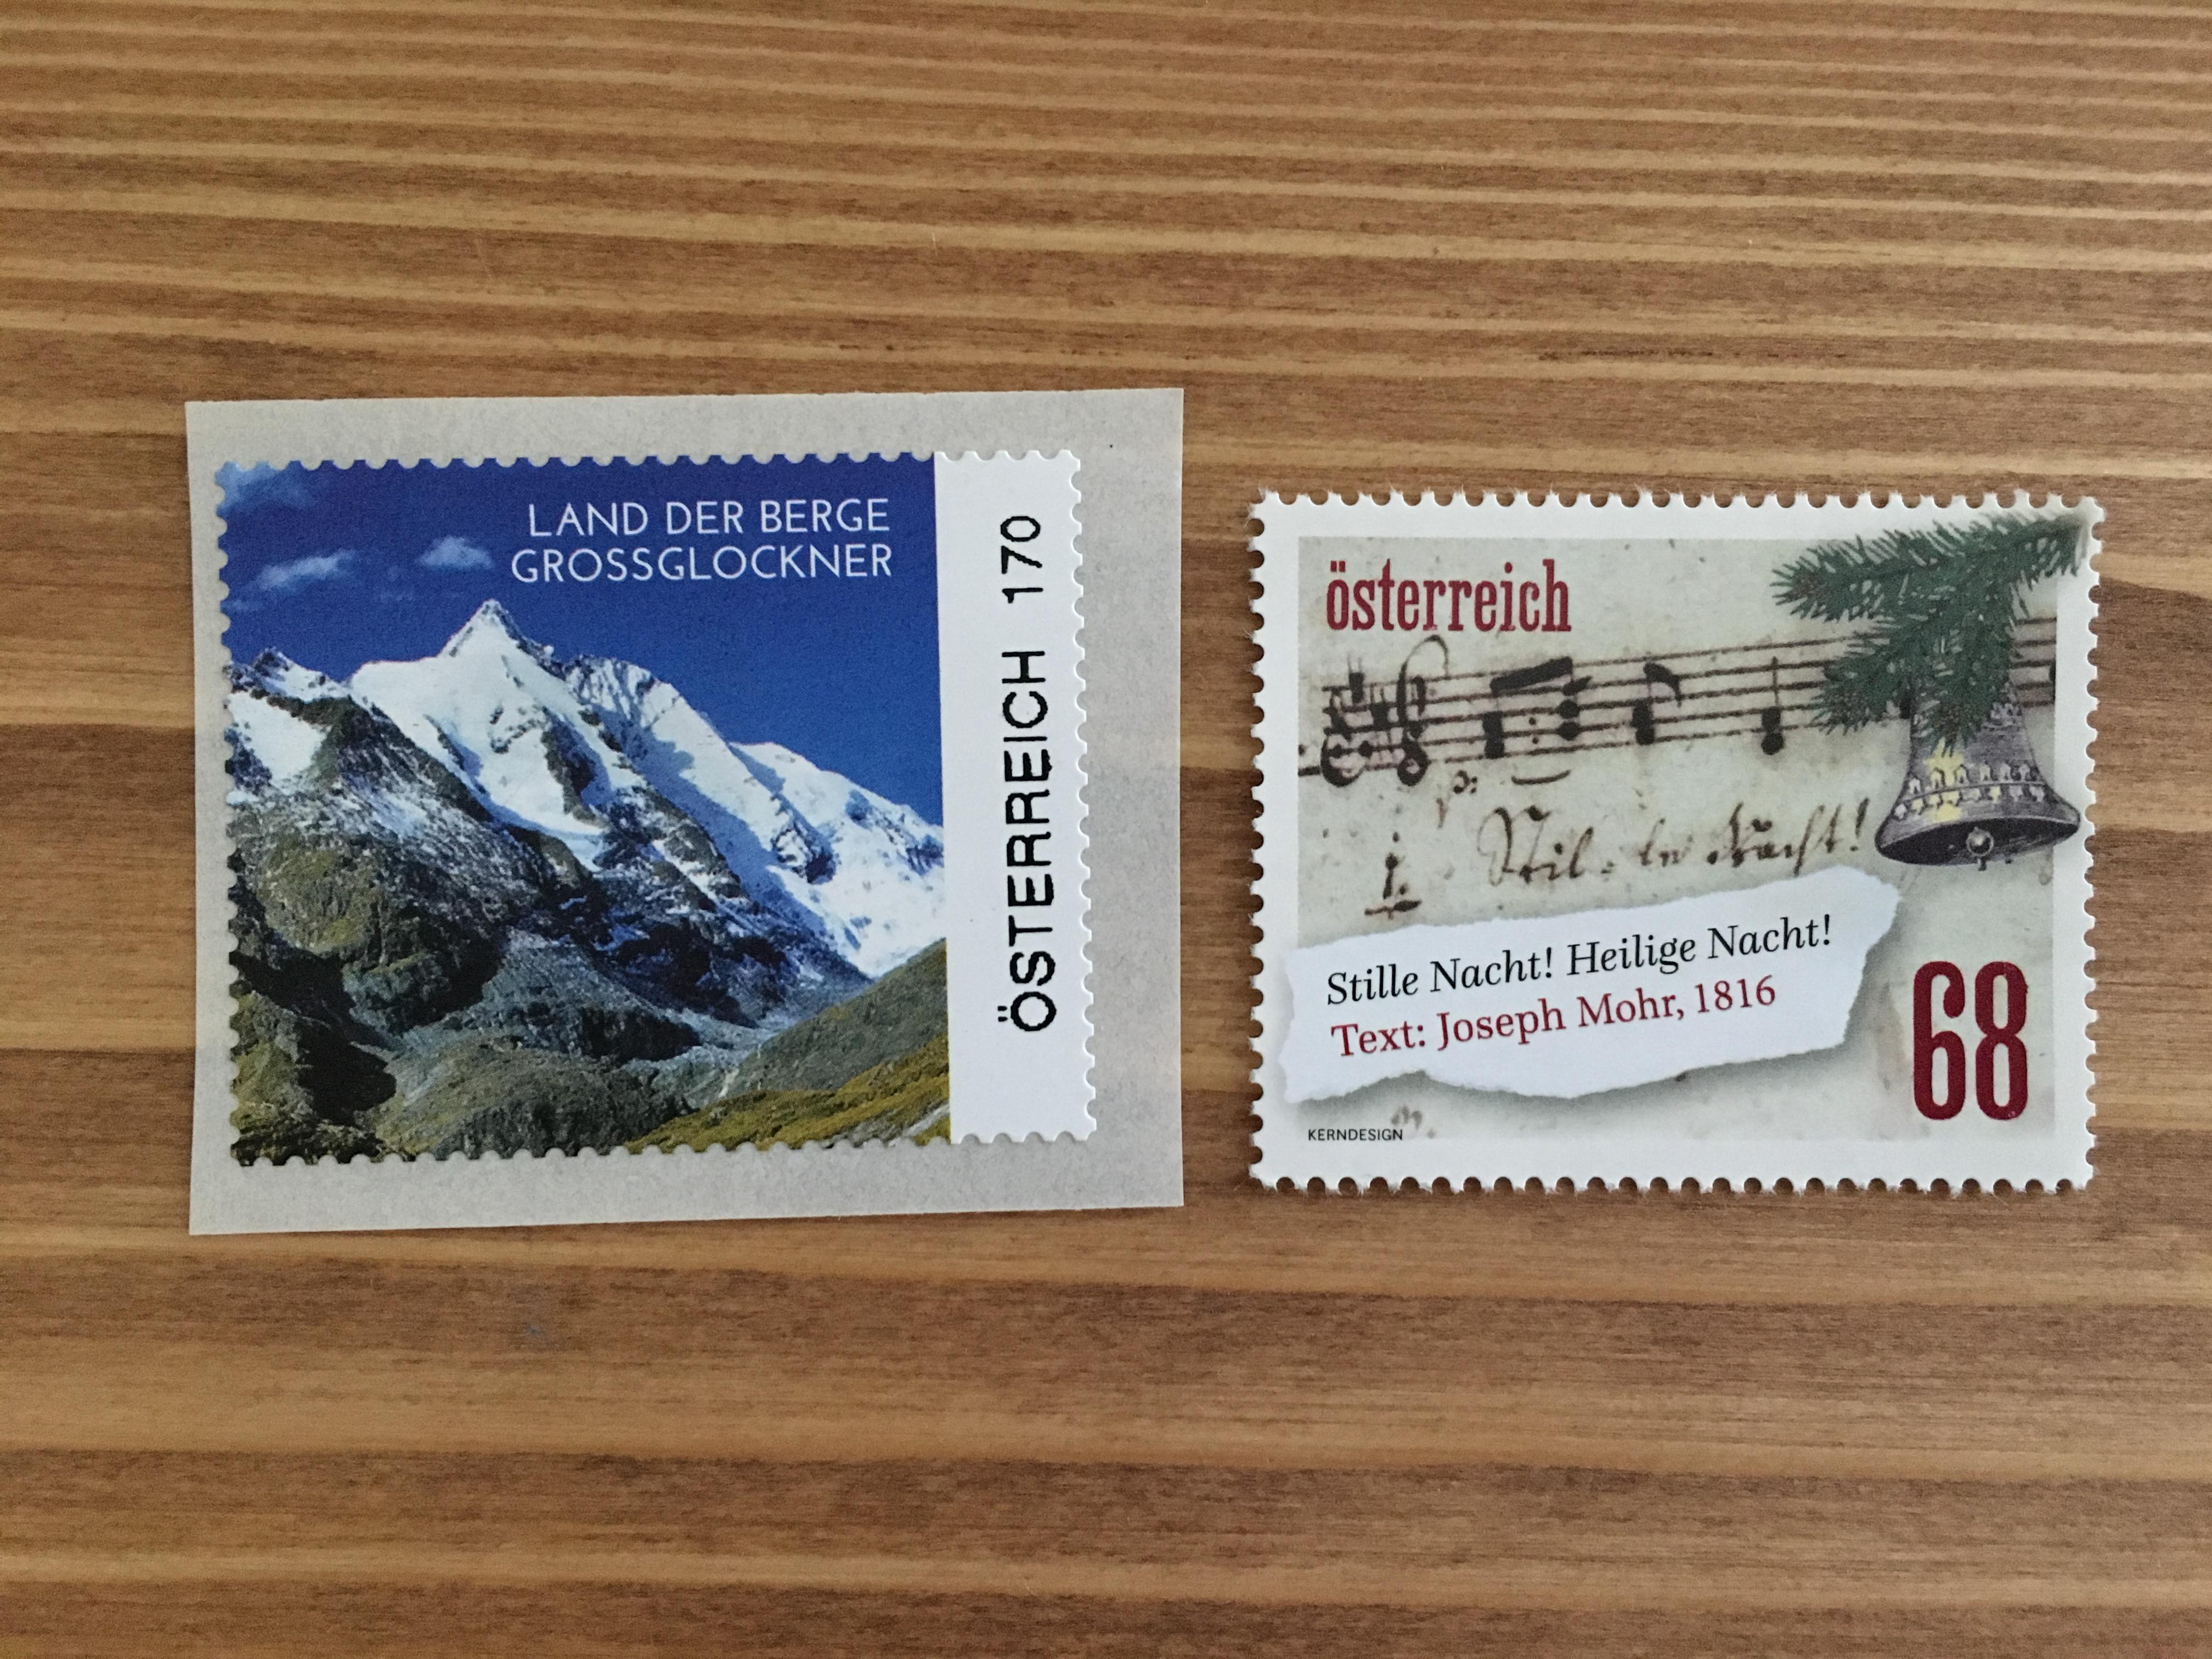 ウィーン中央郵便局でクリスマス用の切手を買ったよ